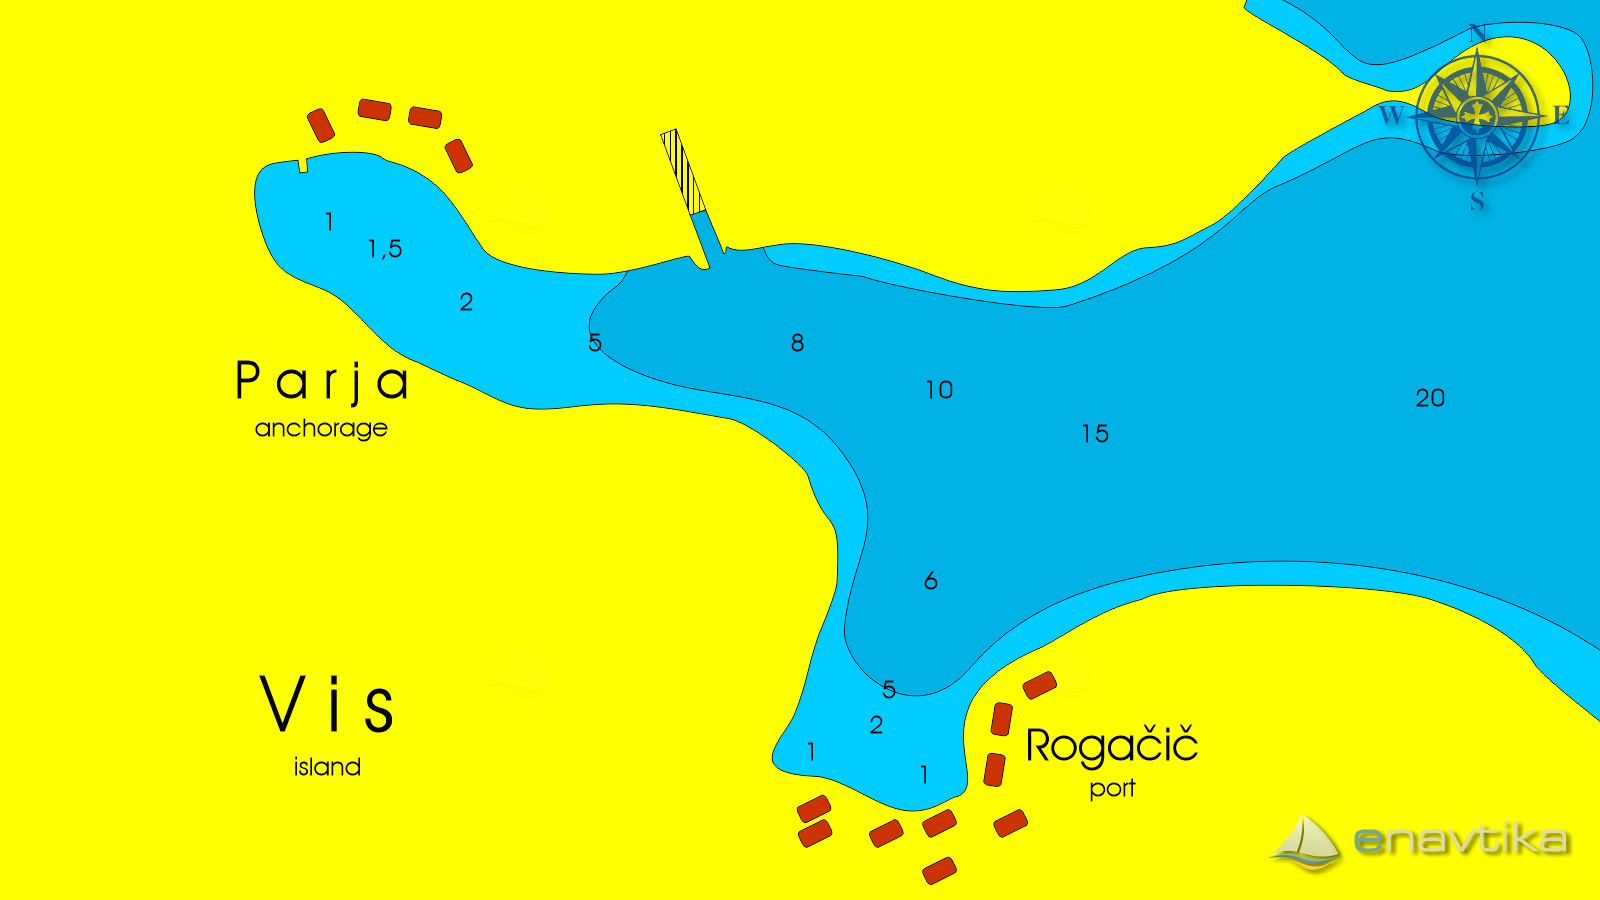 Slika Parja 2